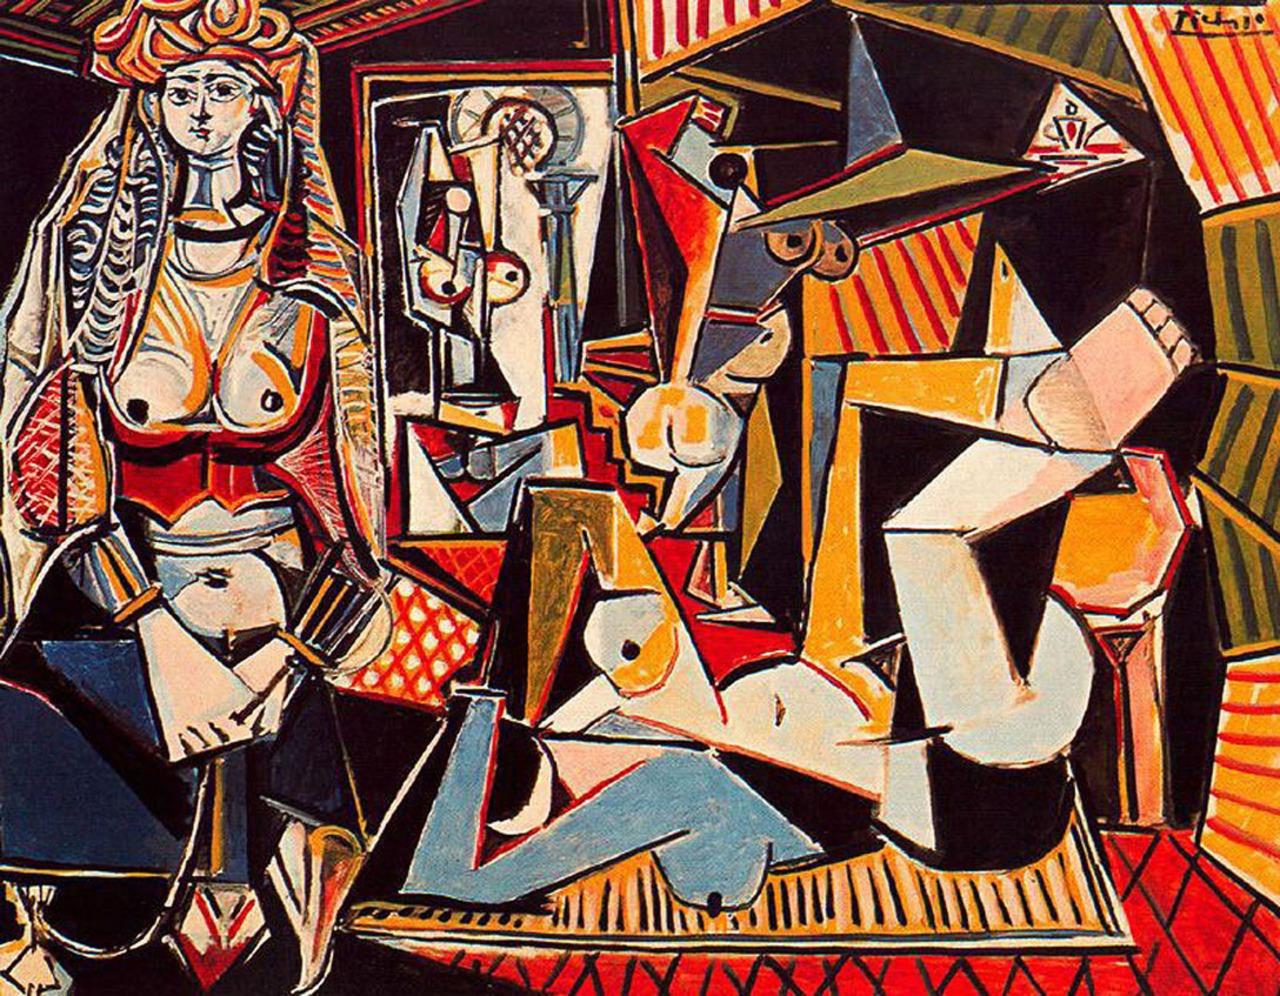 Самые дорогие картины мира - Пабло Пикассо «Алжирские женщины (версия О)»